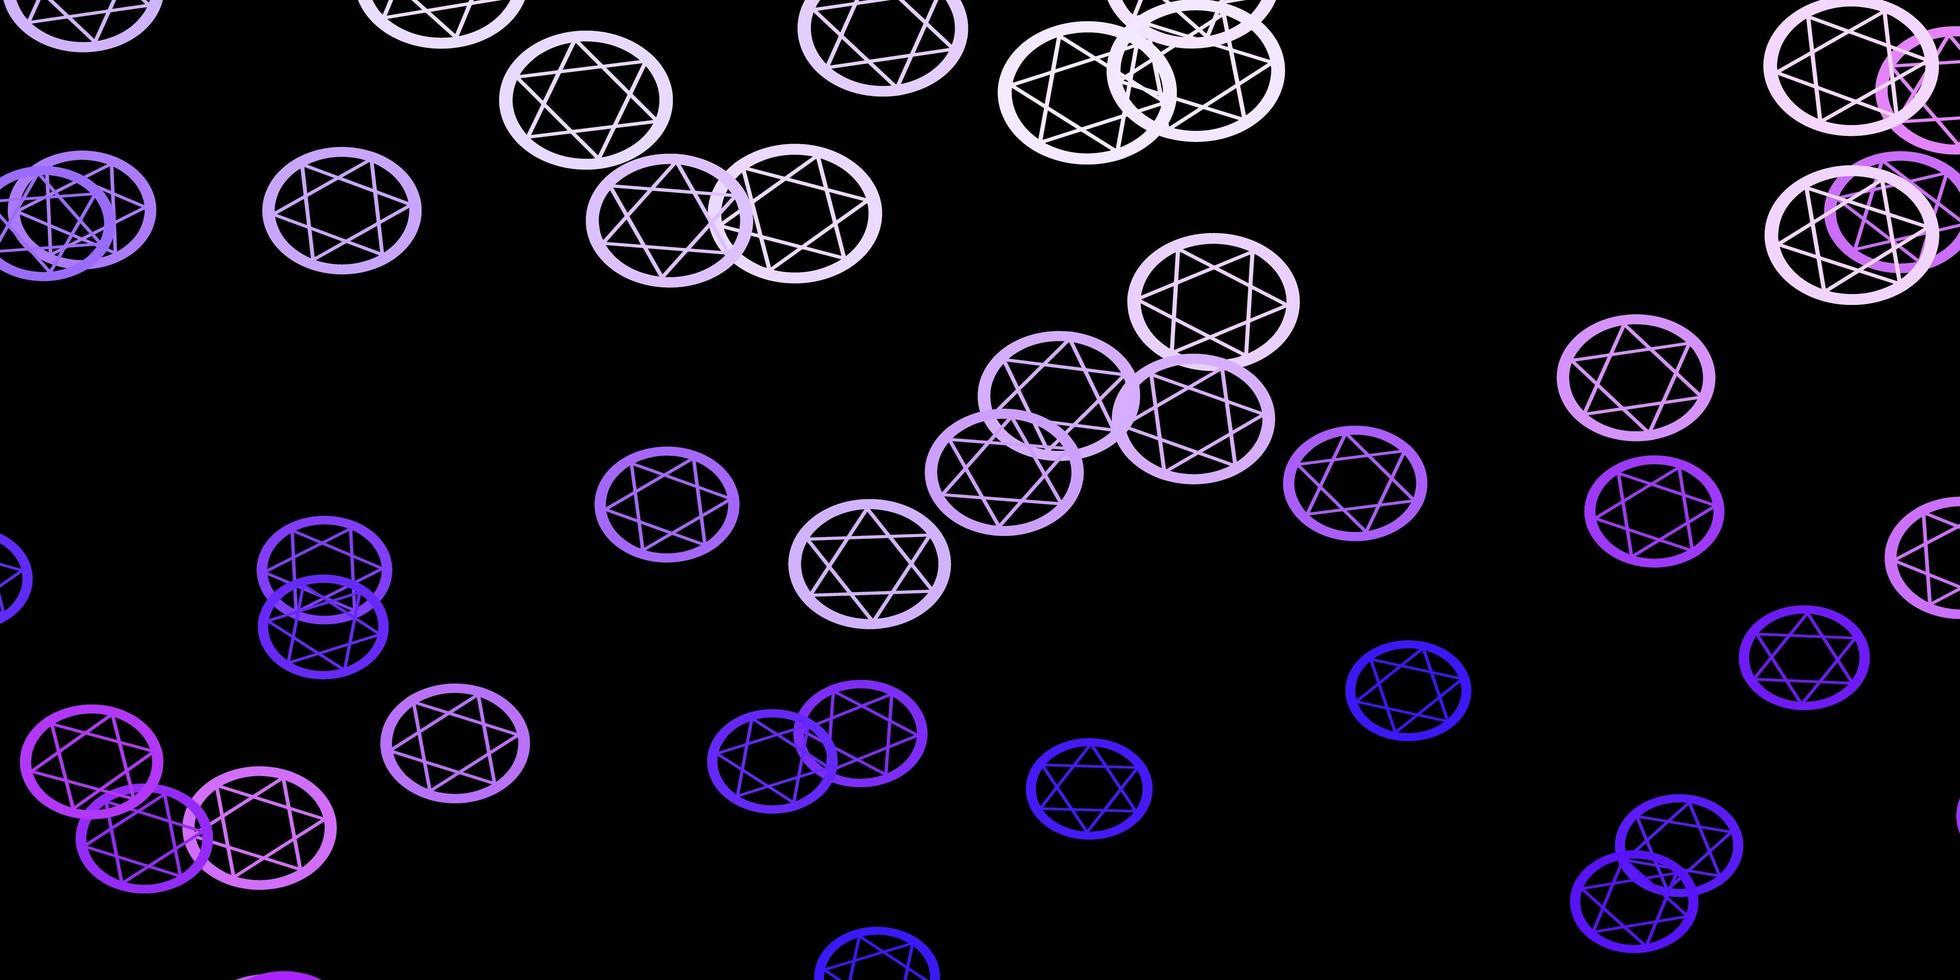 padrão de vetor roxo escuro com elementos mágicos.